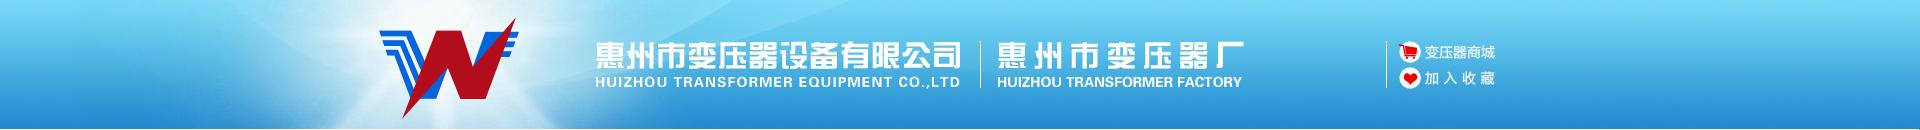 惠州市ag直营有限公司